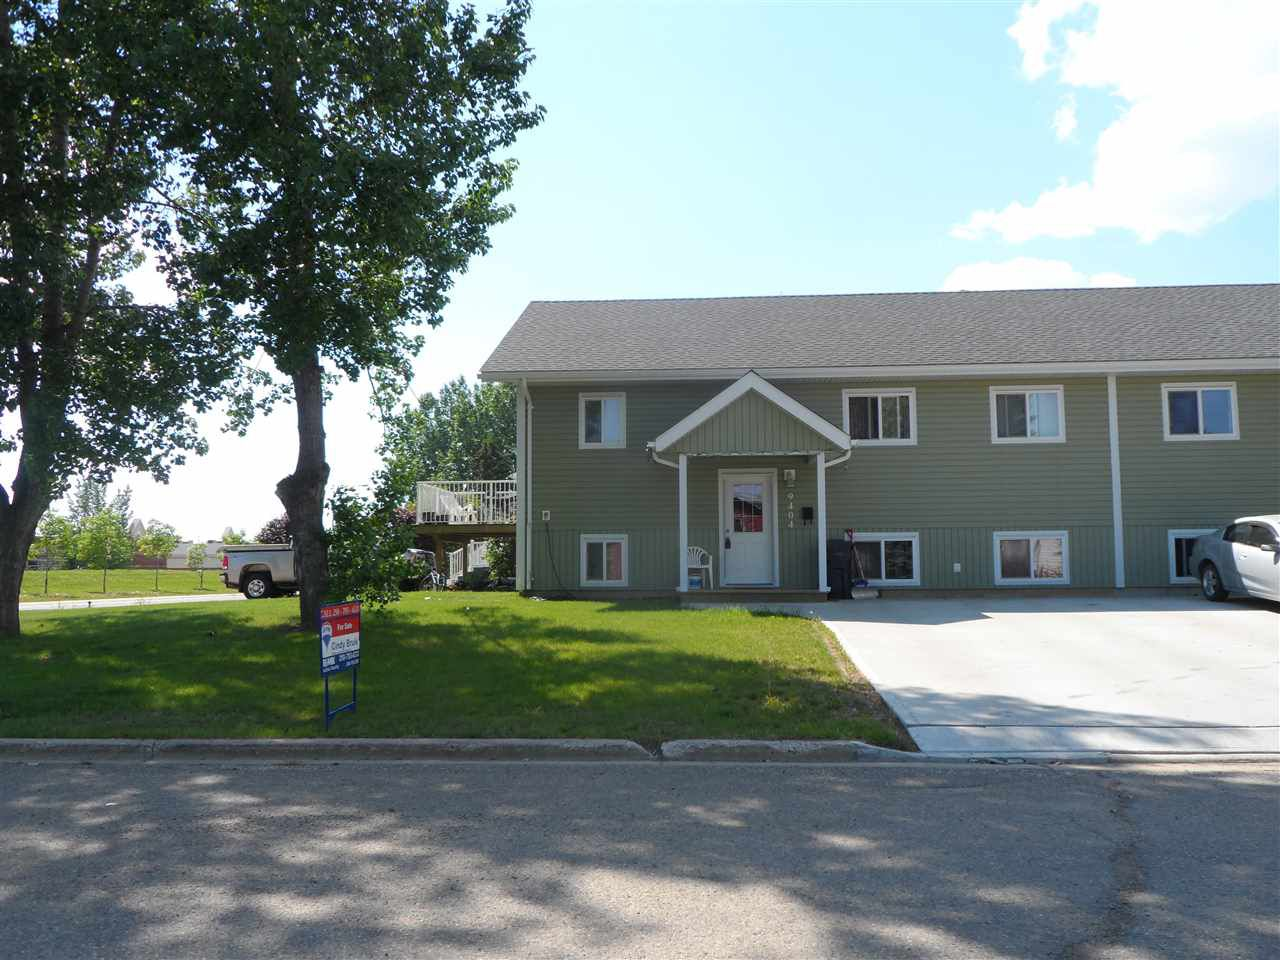 Main Photo: 9404 94A Street in Fort St. John: Fort St. John - City SE House 1/2 Duplex for sale (Fort St. John (Zone 60))  : MLS®# R2014844